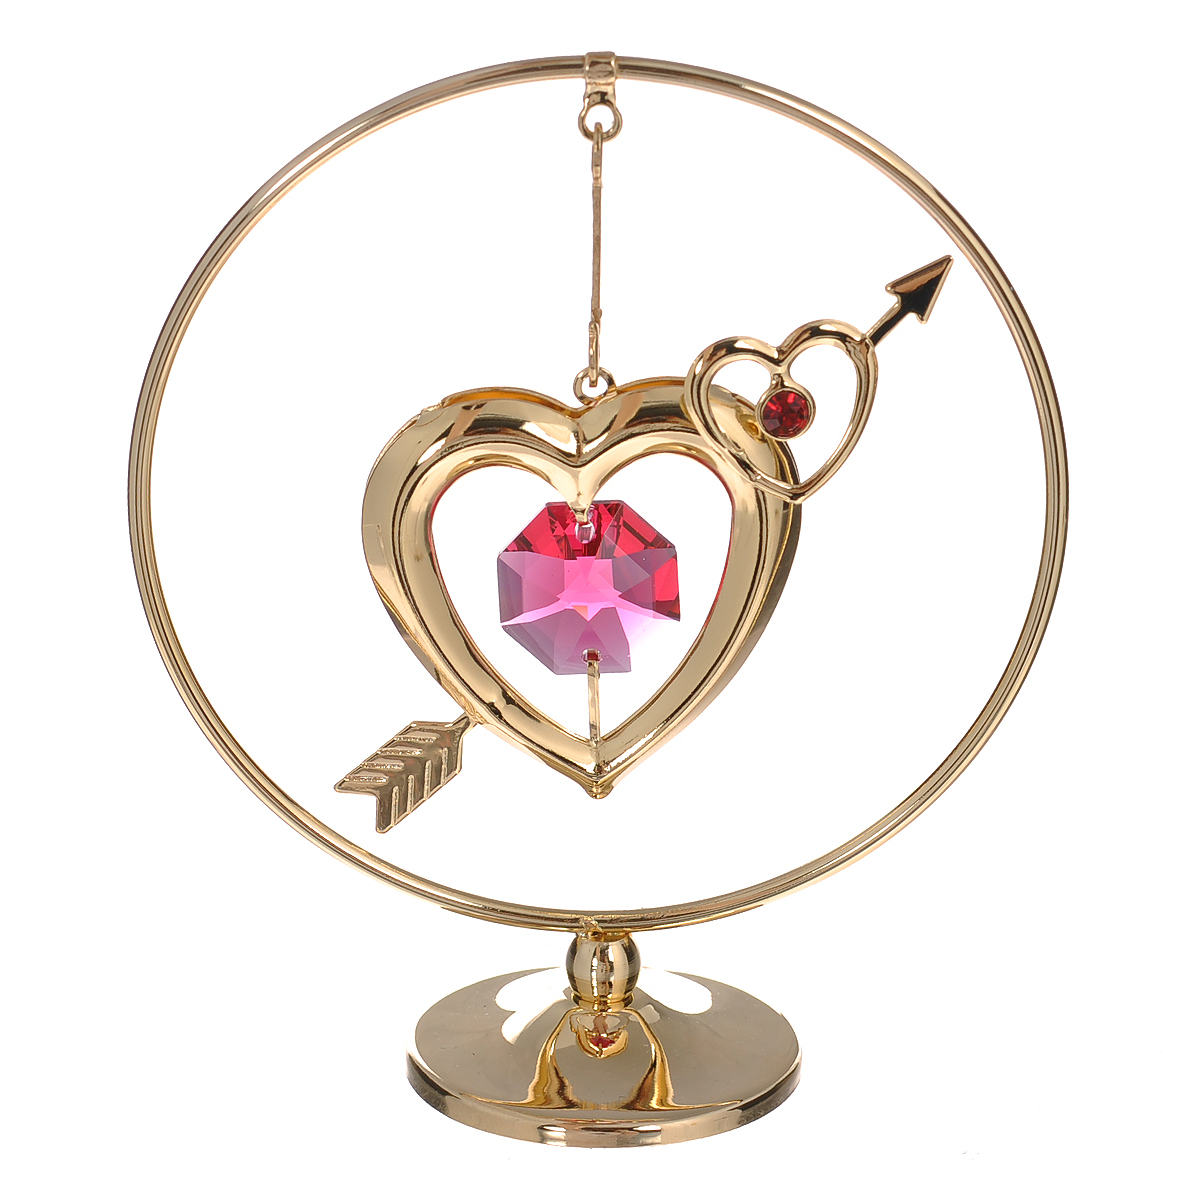 Фигурка декоративная Сердце на подвеске, цвет: золотистый. 6759689452Декоративная фигурка Сердце выполнена из углеродистой стали, покрытой золотом толщиной 0,05 микрон. Фигурка представляет собой круглый обруч с подвеской в виде сердечка. Фигурка украшена крупным граненым кристаллом Swarovski розового цвета. Поставьте фигурку на стол в офисе или дома и наслаждайтесь изящными формами и блеском кристаллов.Изысканный и эффектный, этот сувенир покорит своей красотой и изумительным качеством исполнения, а также станет замечательным подарком. Характеристики:Материал: углеродистая сталь, кристаллы Swarovski. Размер фигурки (ДхШхВ): 7 см х 3 см х 8 см. Цвет: золотистый. Размер упаковки: 7,5 см х 5 см х 10 см. Артикул: 67596.